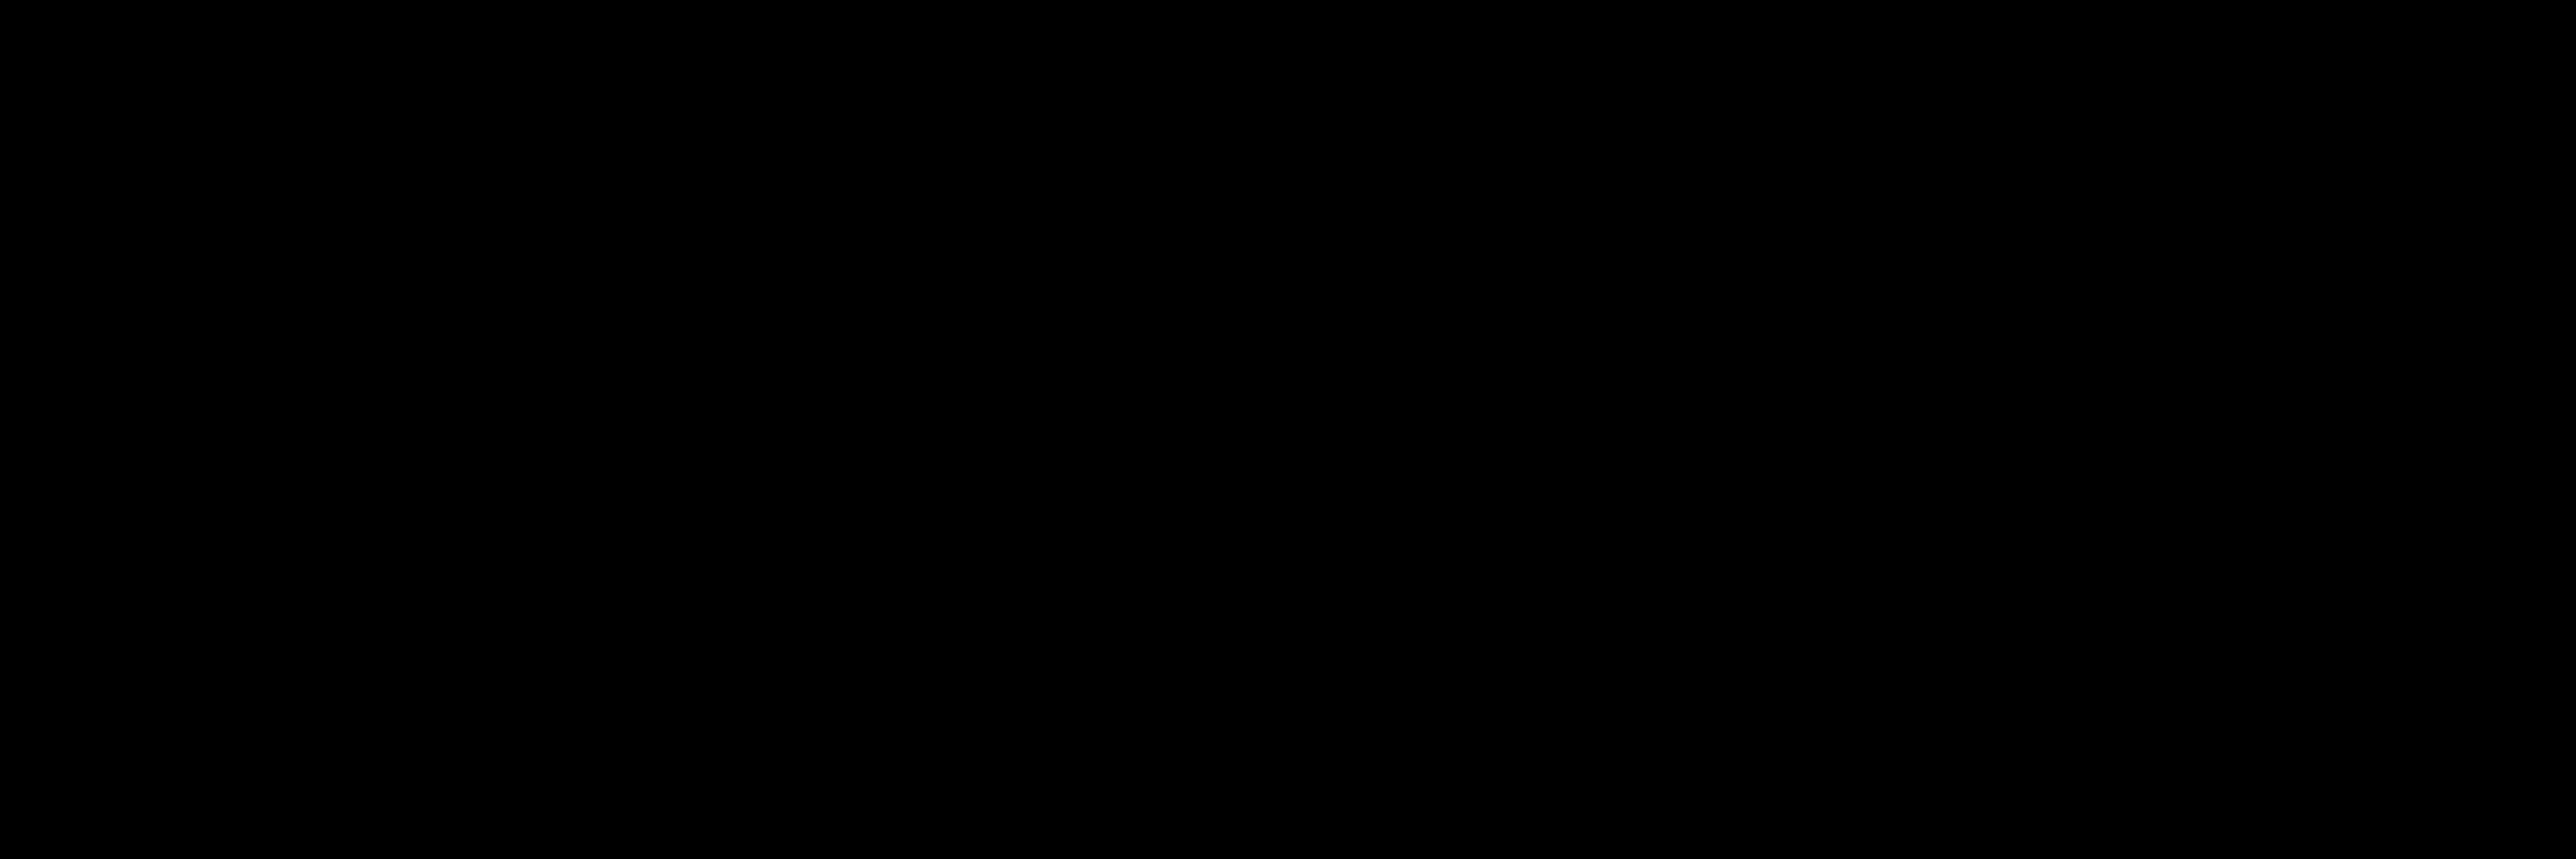 Logo HENNA.ID by Mirna Yuliana